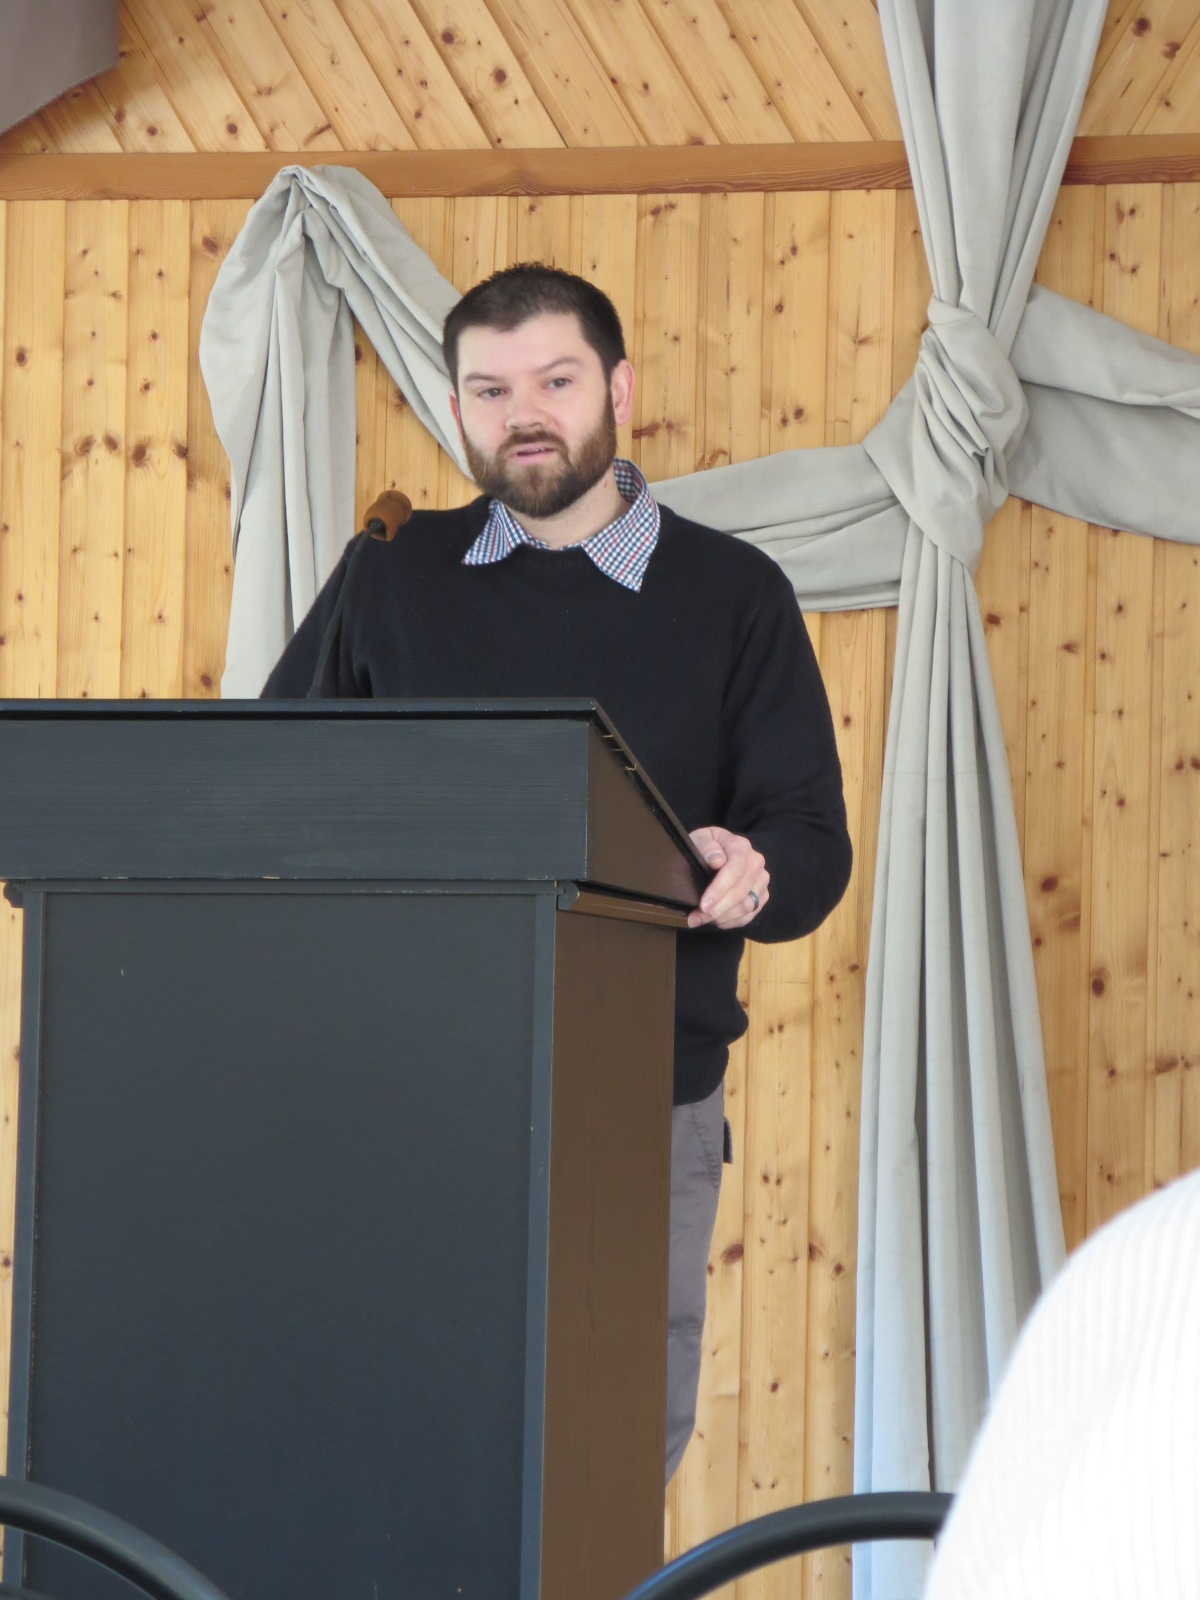 Boardman preaching